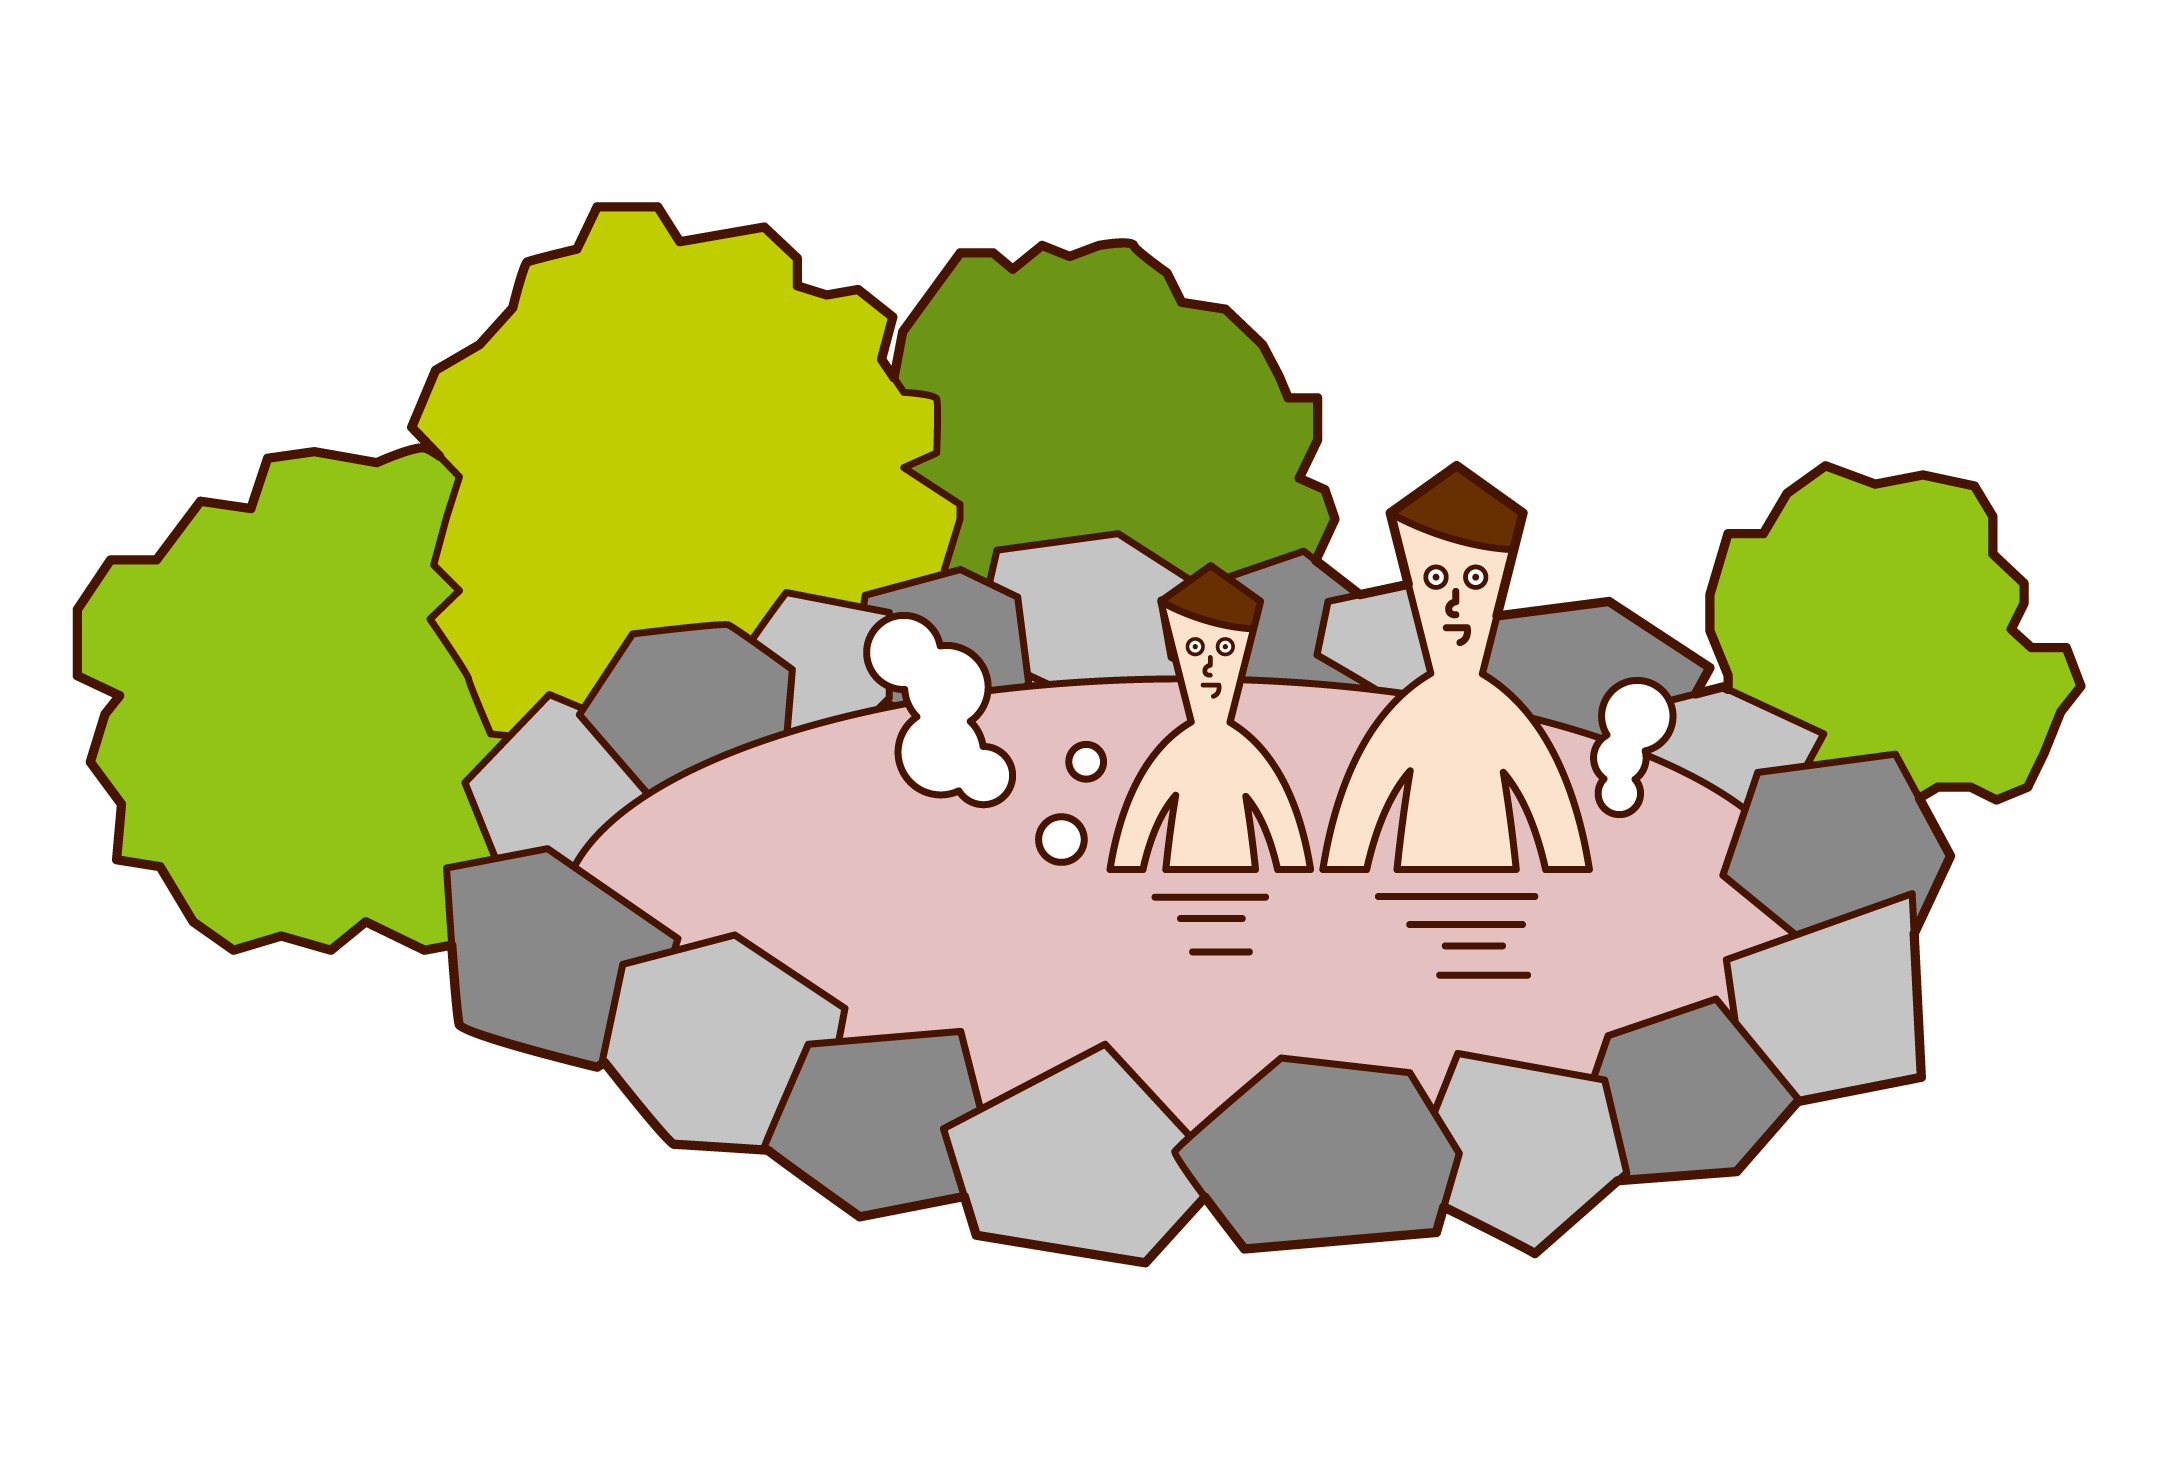 温泉に入る親子(男性)のイラスト